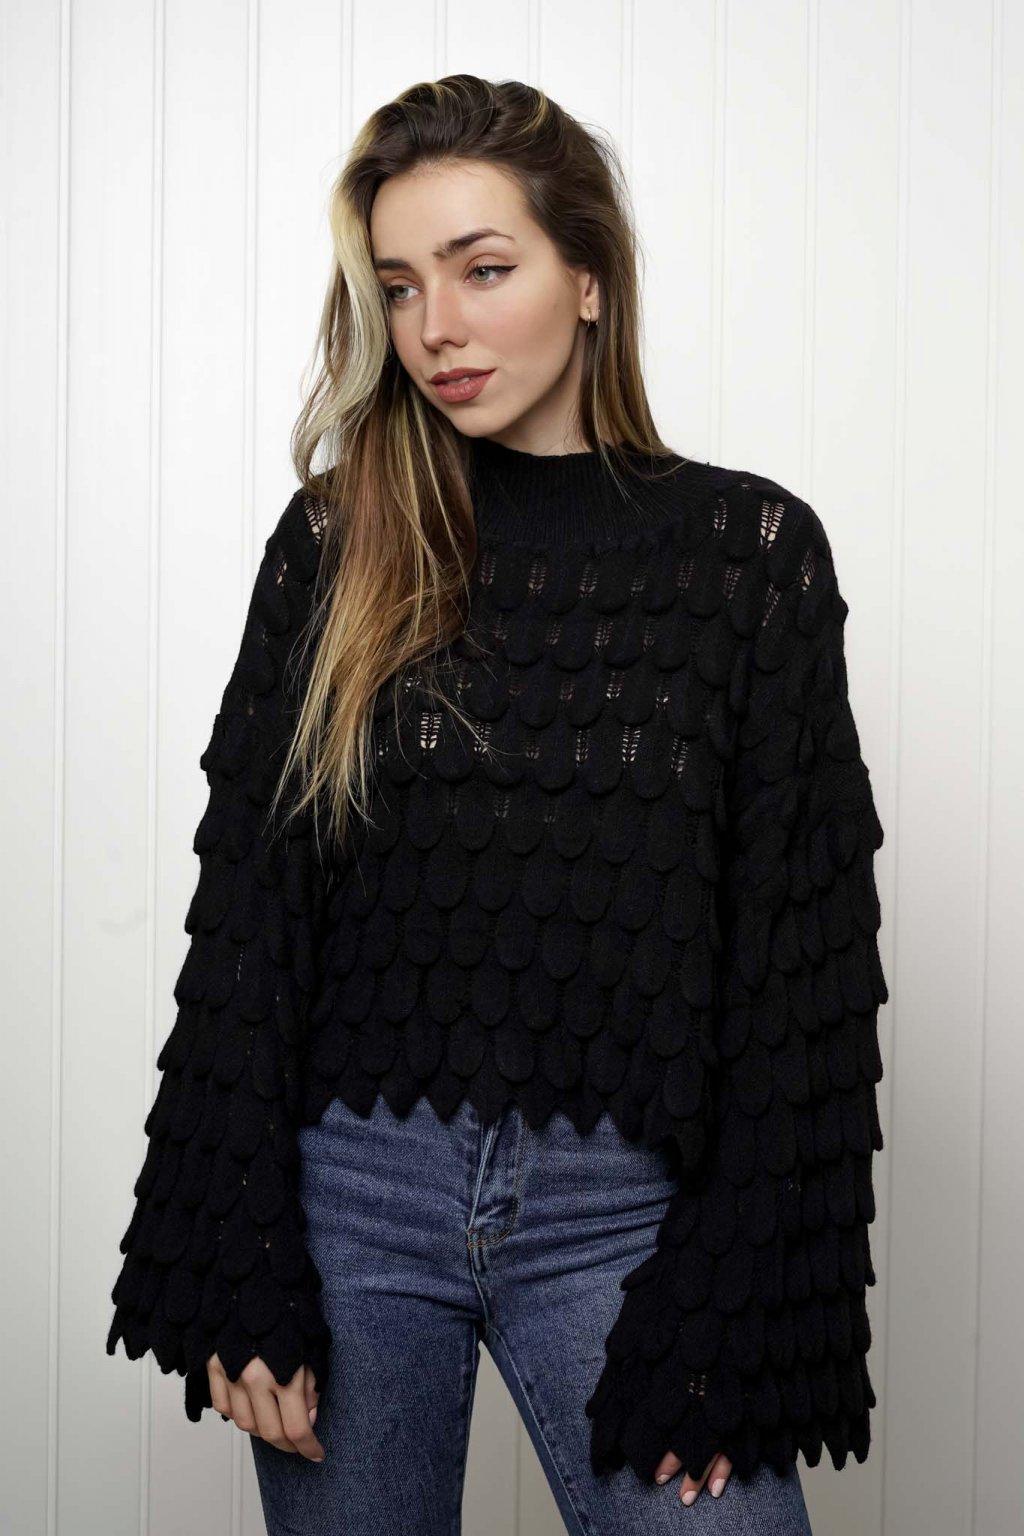 svetrík, pulover, čierny, zlaty, obtiahnutý, vrubkovaný 097